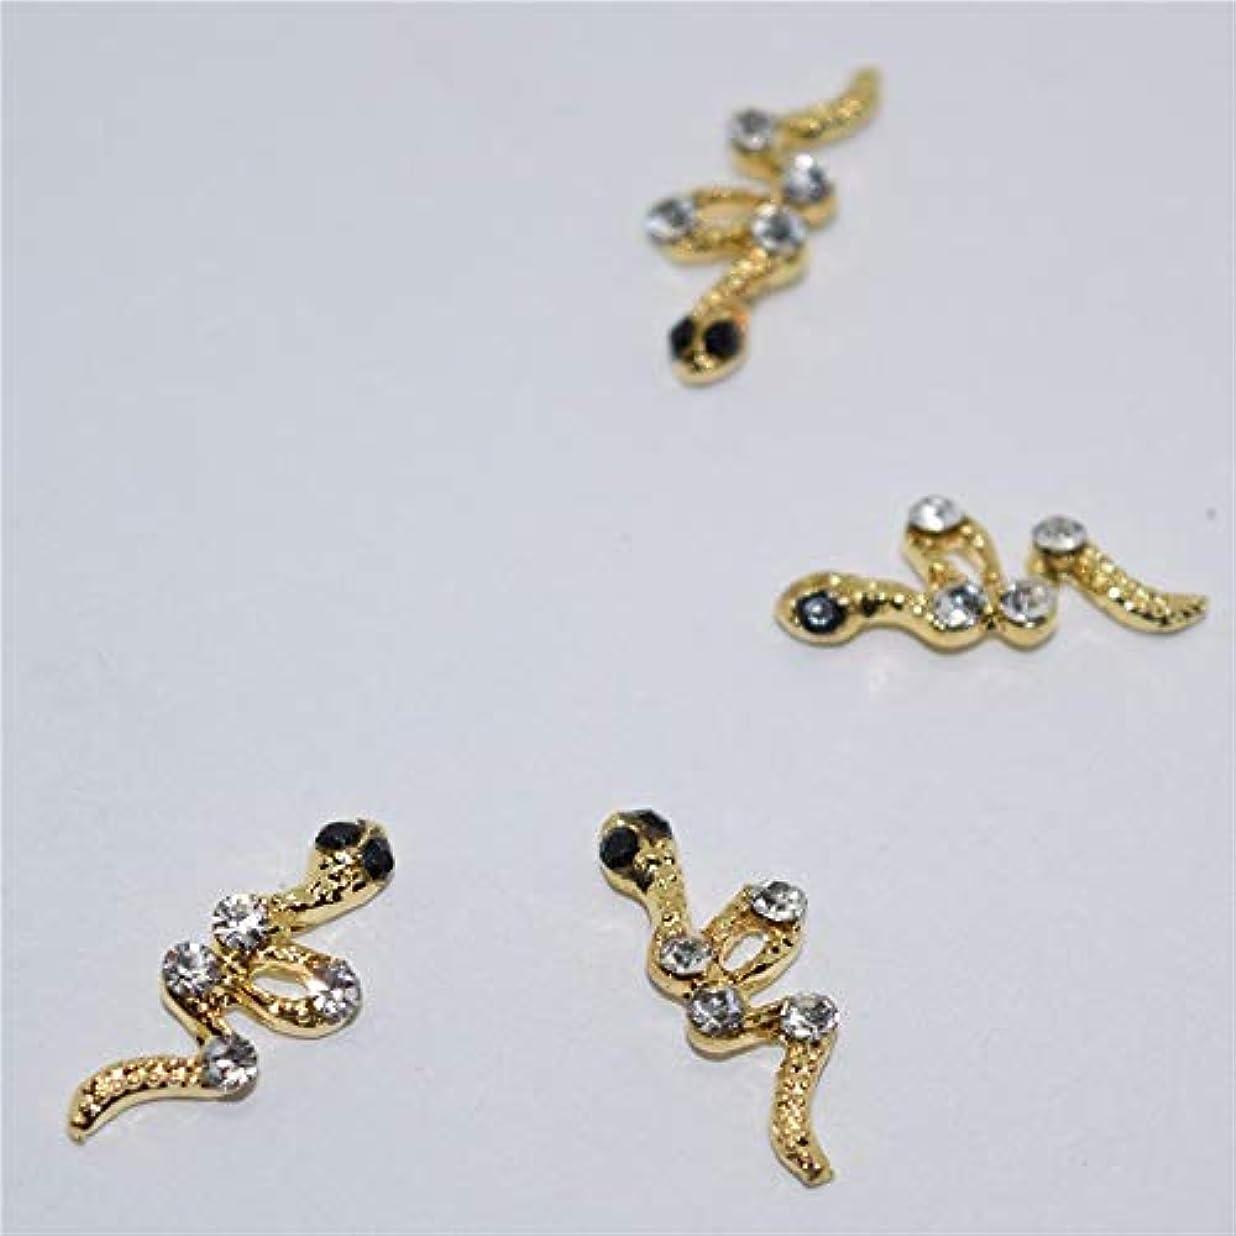 人却下するパラダイス10個入りゴールデンスネーク動物の3Dネイルアートの装飾合金ネイルチャームネイルズラインストーンネイル用品